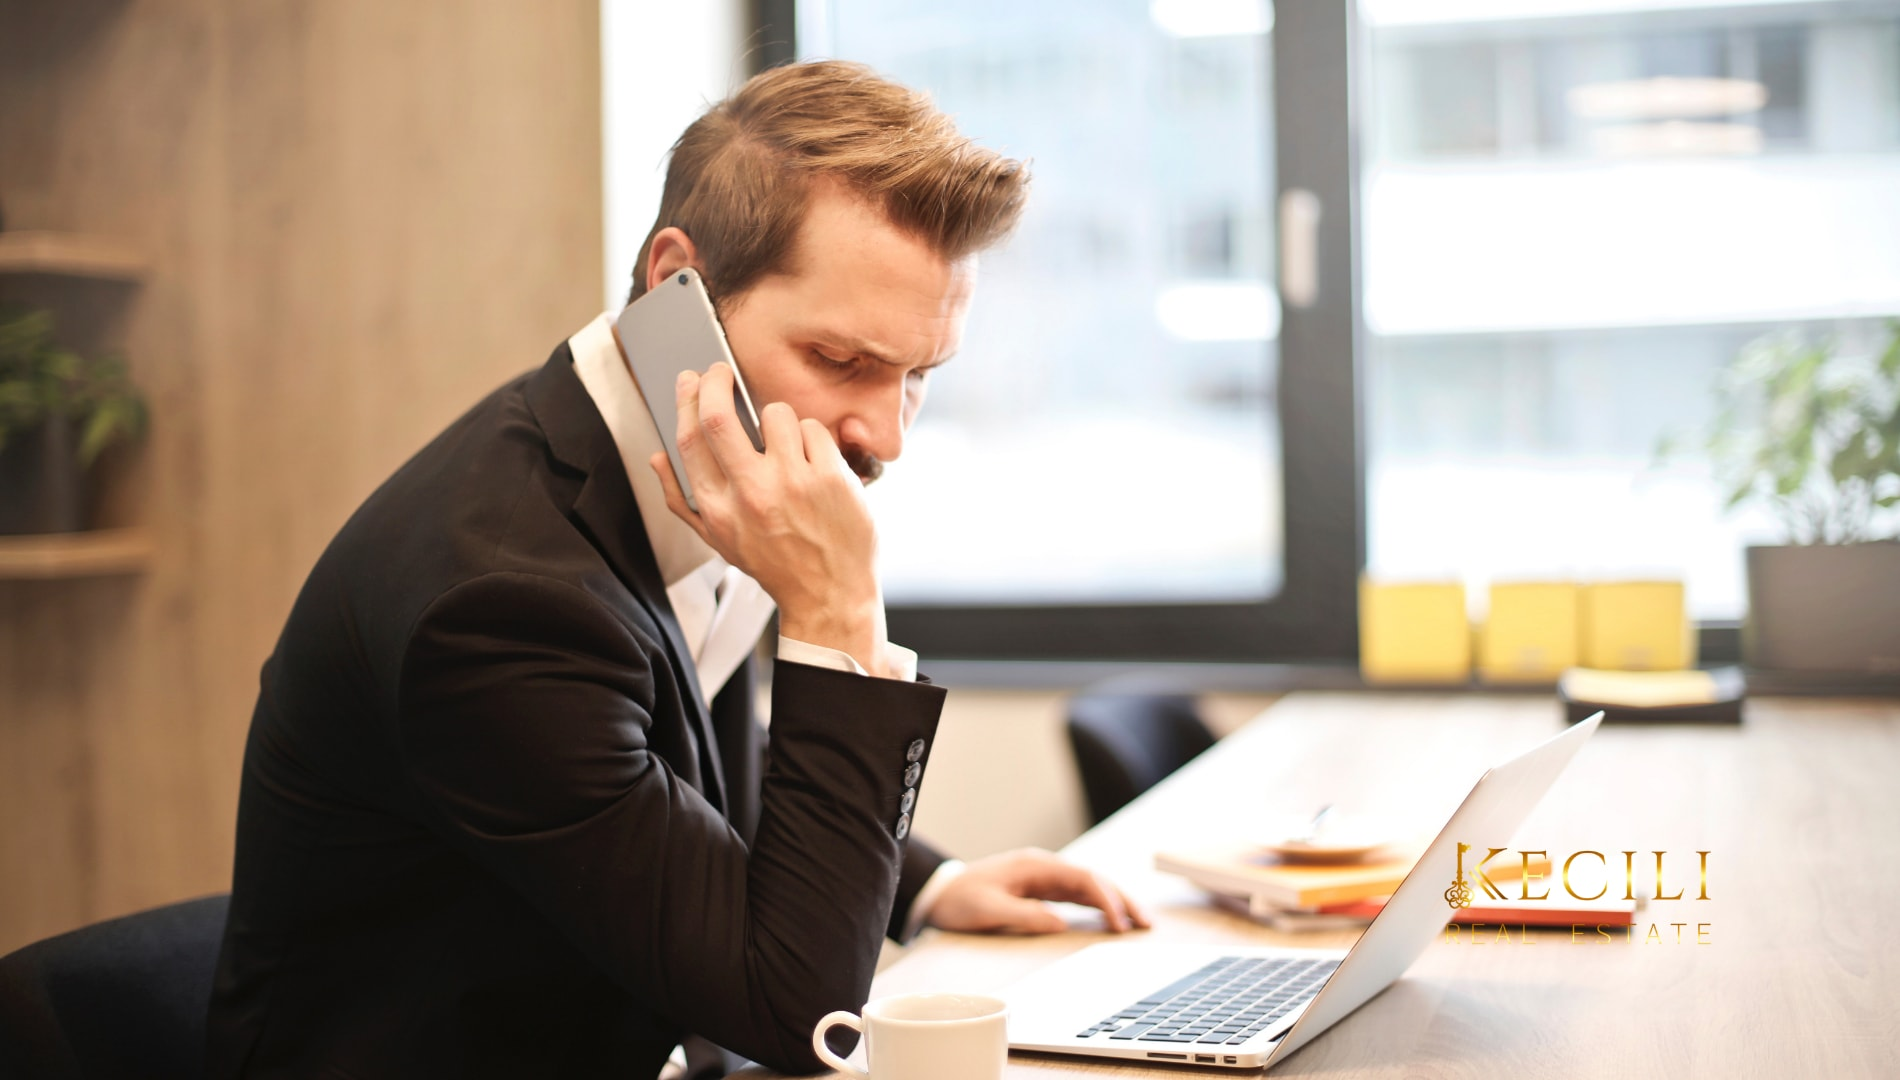 7 Habitudes courantes qui tuent votre productivité : Distraction & interruption